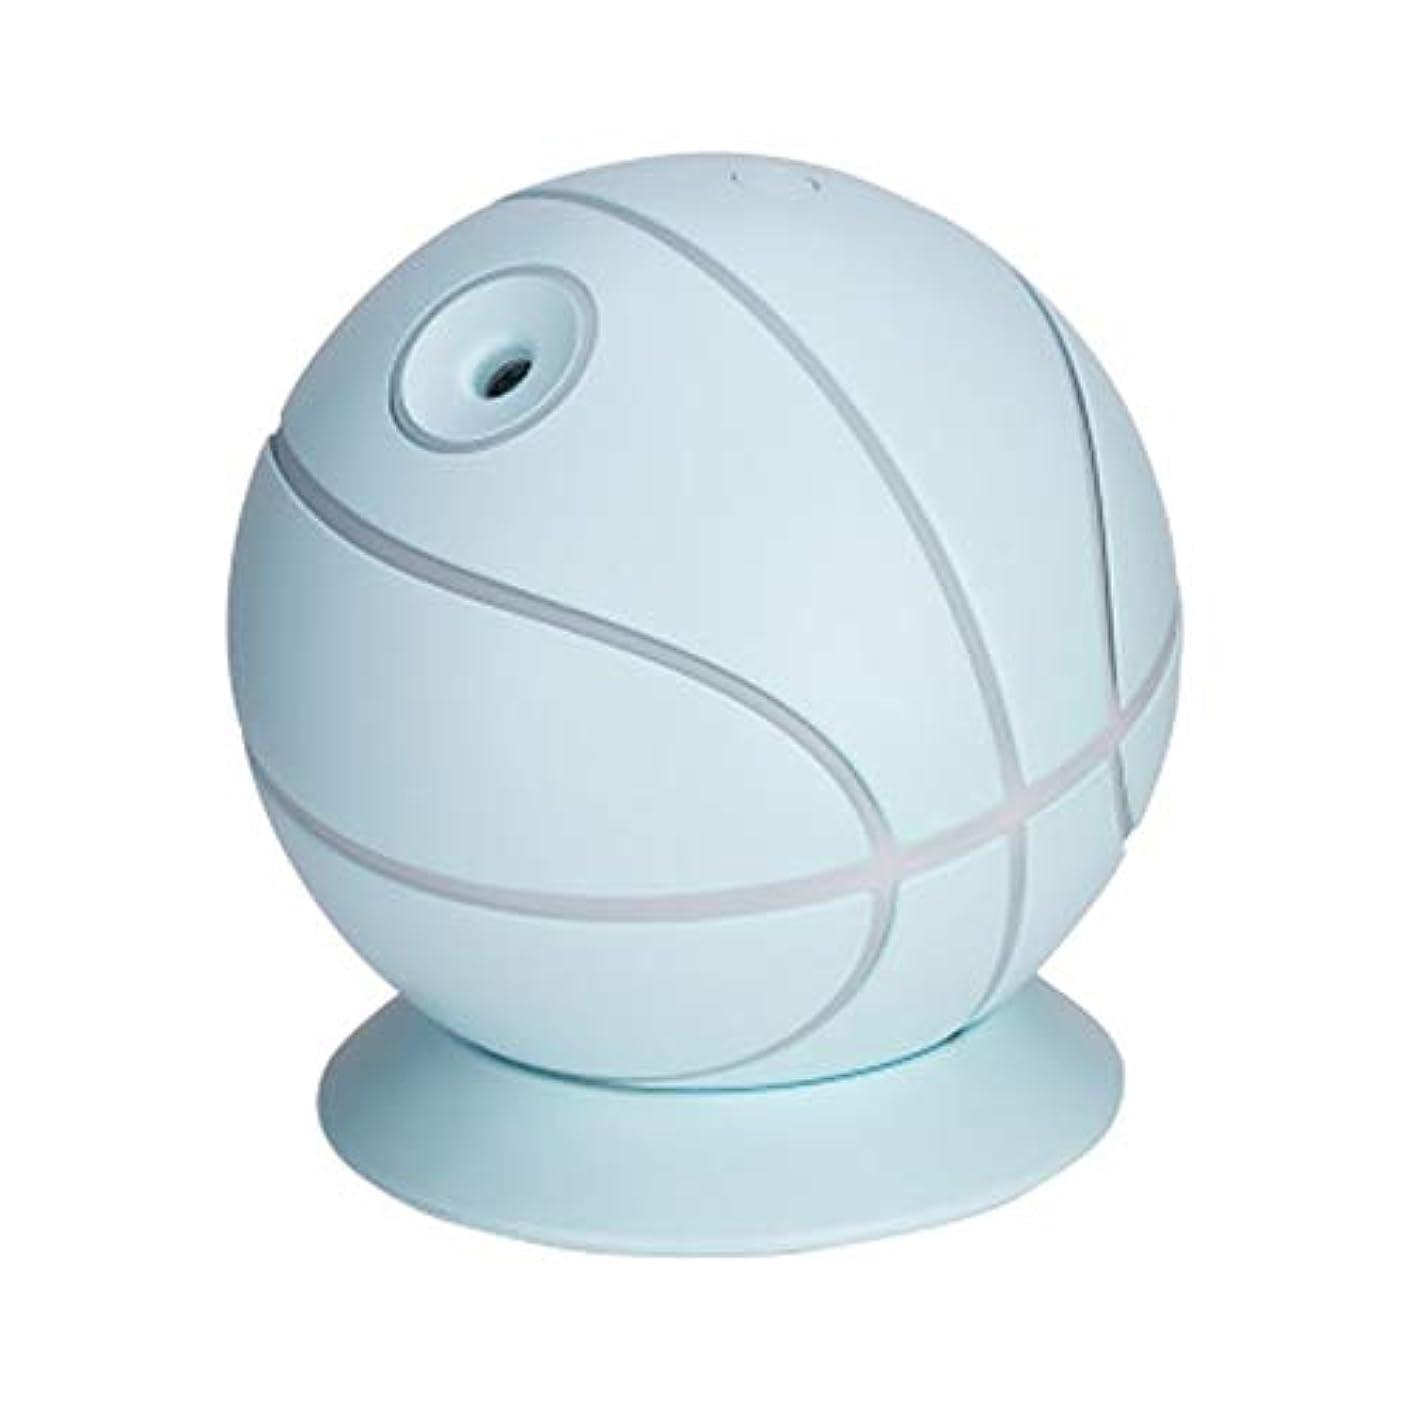 ジャーナリスト輪郭実行可能バスケットボール エッセンシャルオイル ディフューザー、 USB 超音波 酸素 流量計 アトマイザー クールミスト 空気 加湿器、 180° ロータリー ミニ ディフューザー にとって ホーム 車 事,Blue